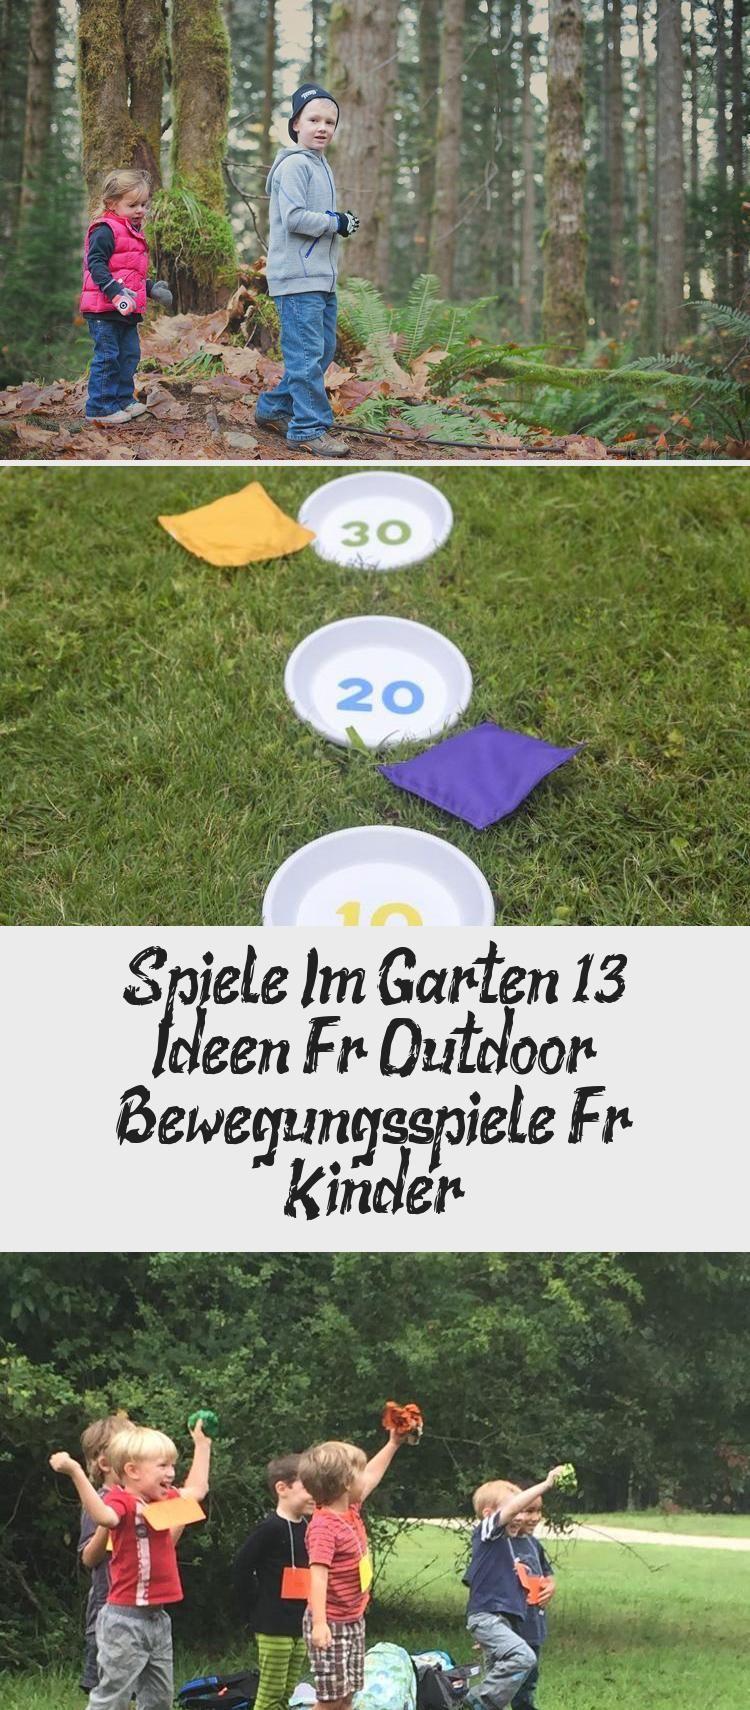 Spiele Im Garten 13 Ideen Fur Outdoor Bewegungsspiele Fur Kinder Sandkasten Gartengestaltung Games Kinderspielplatz Water Play Gartenideenlandhaus Gart In 2020